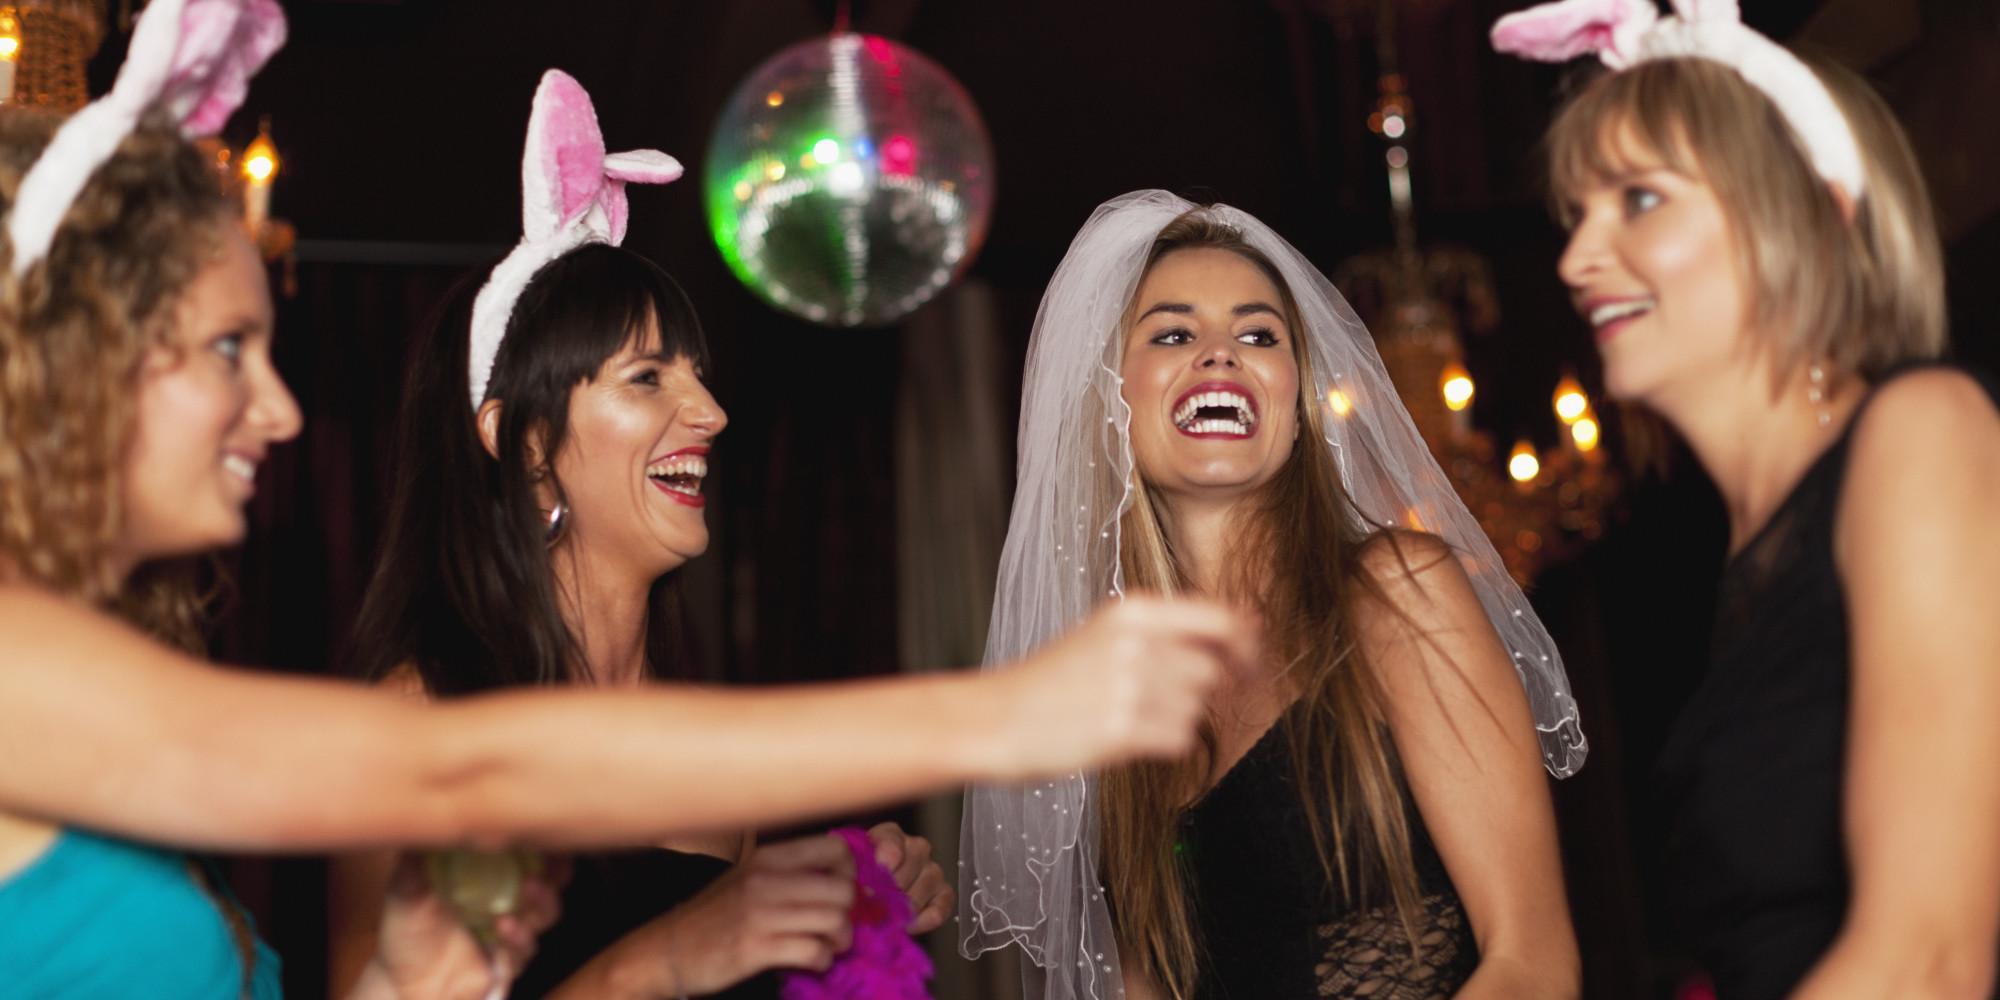 Фото парень на девишнике, Невеста, у которой нет подруг, пригласила на свой 24 фотография